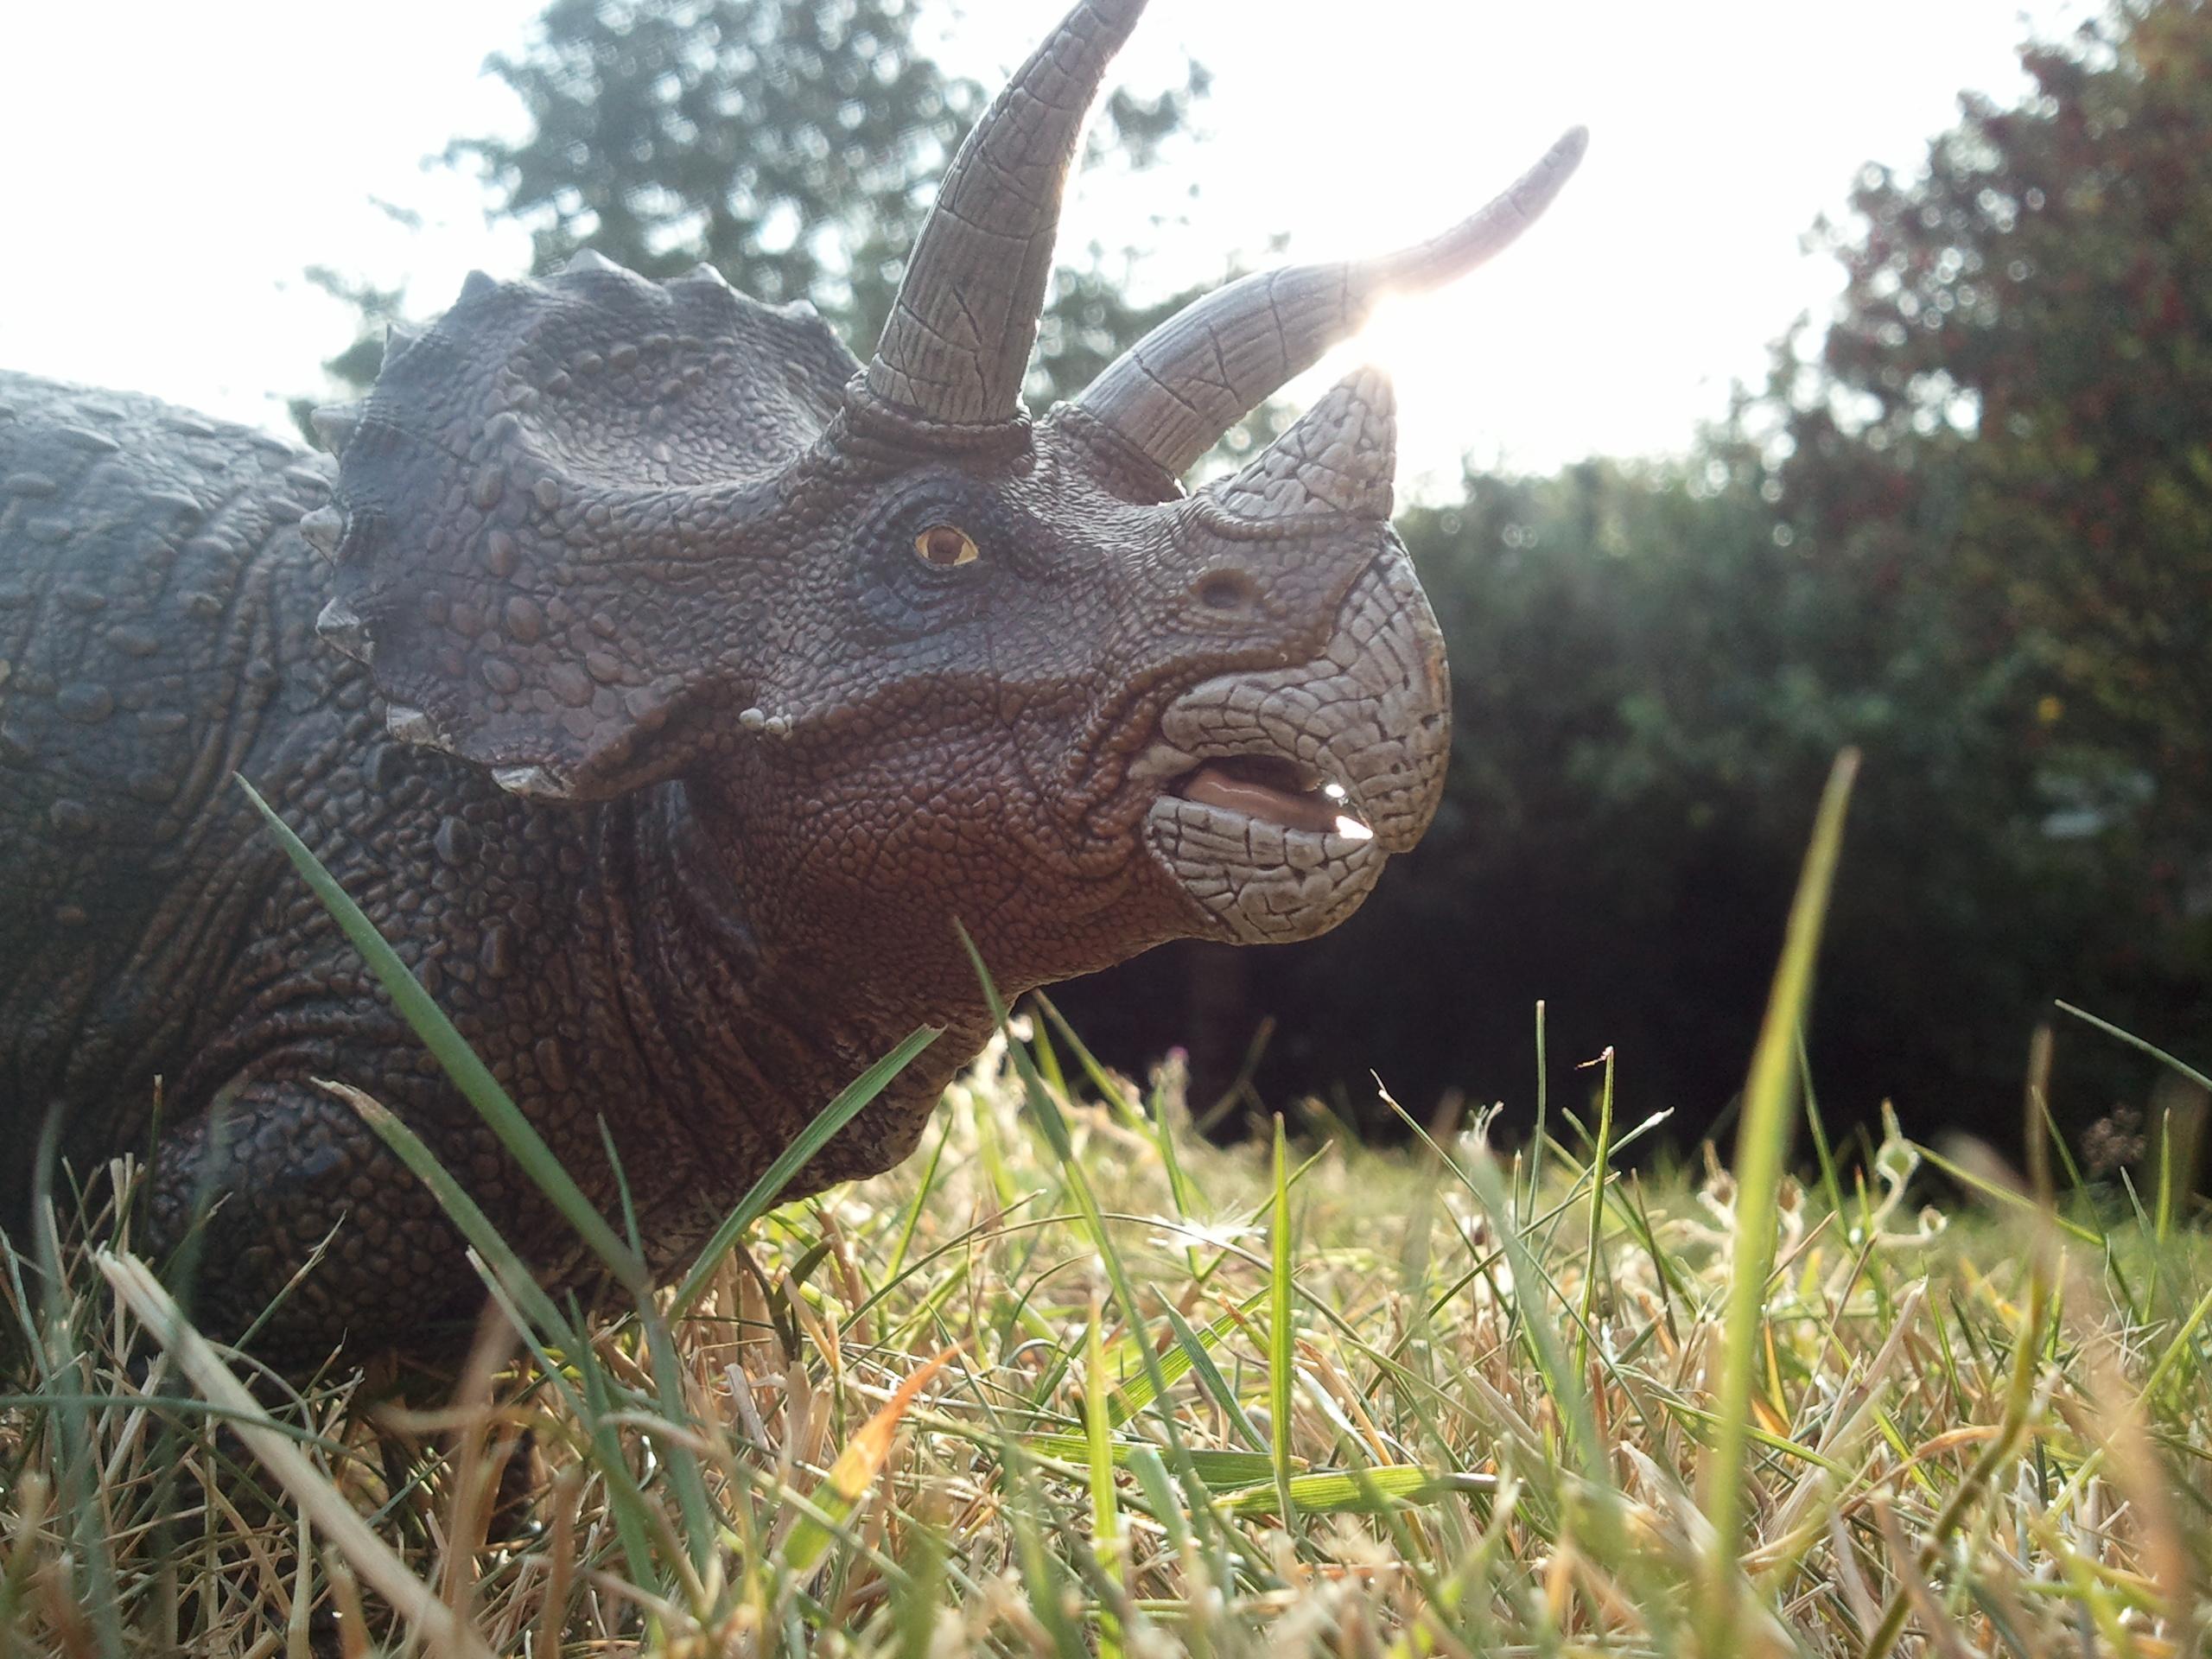 65 Million Years Ago …